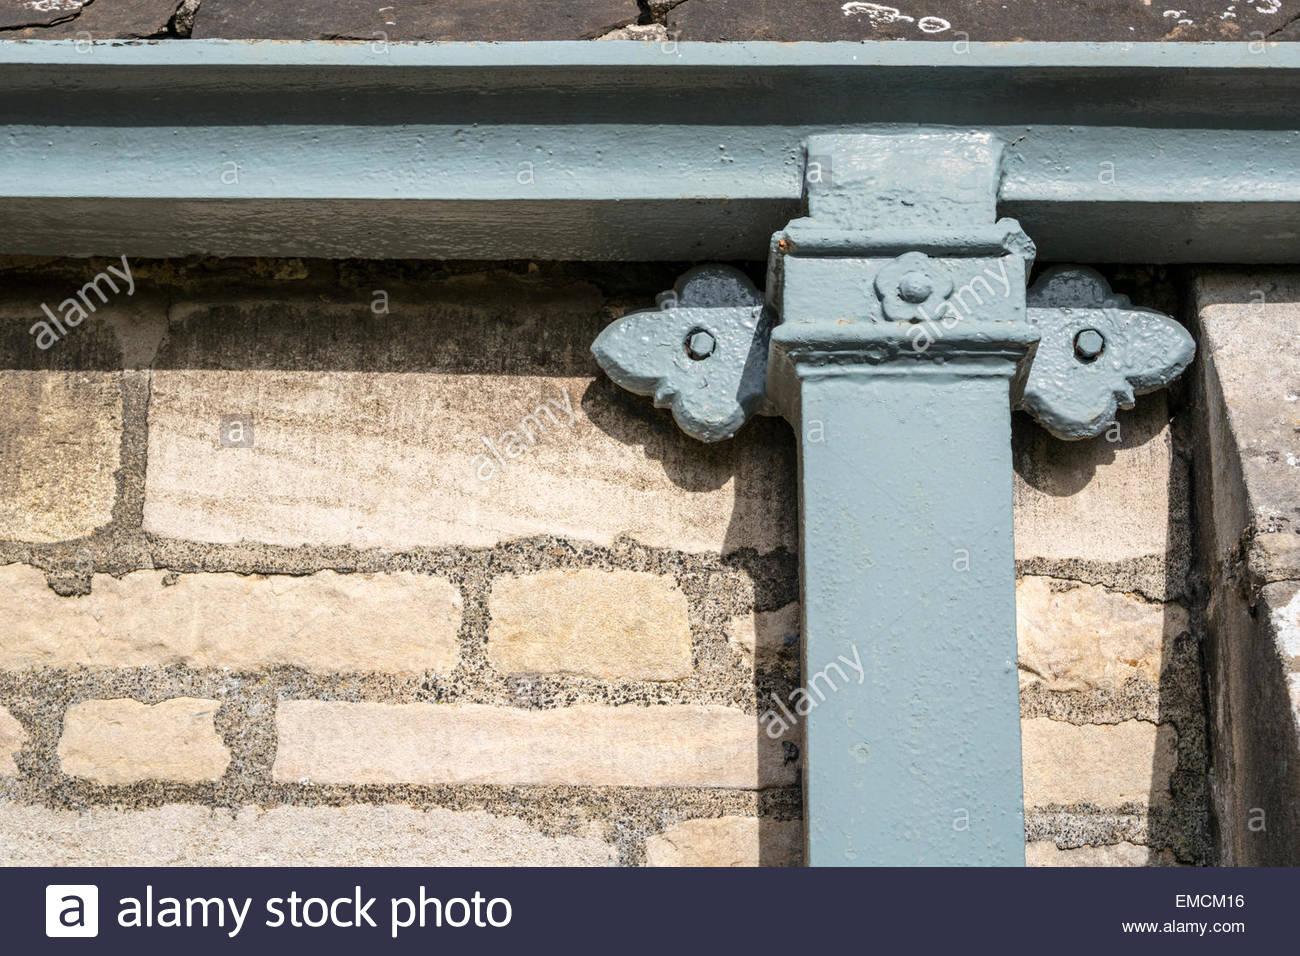 Cast Iron decorative drainpipe - Stock Image